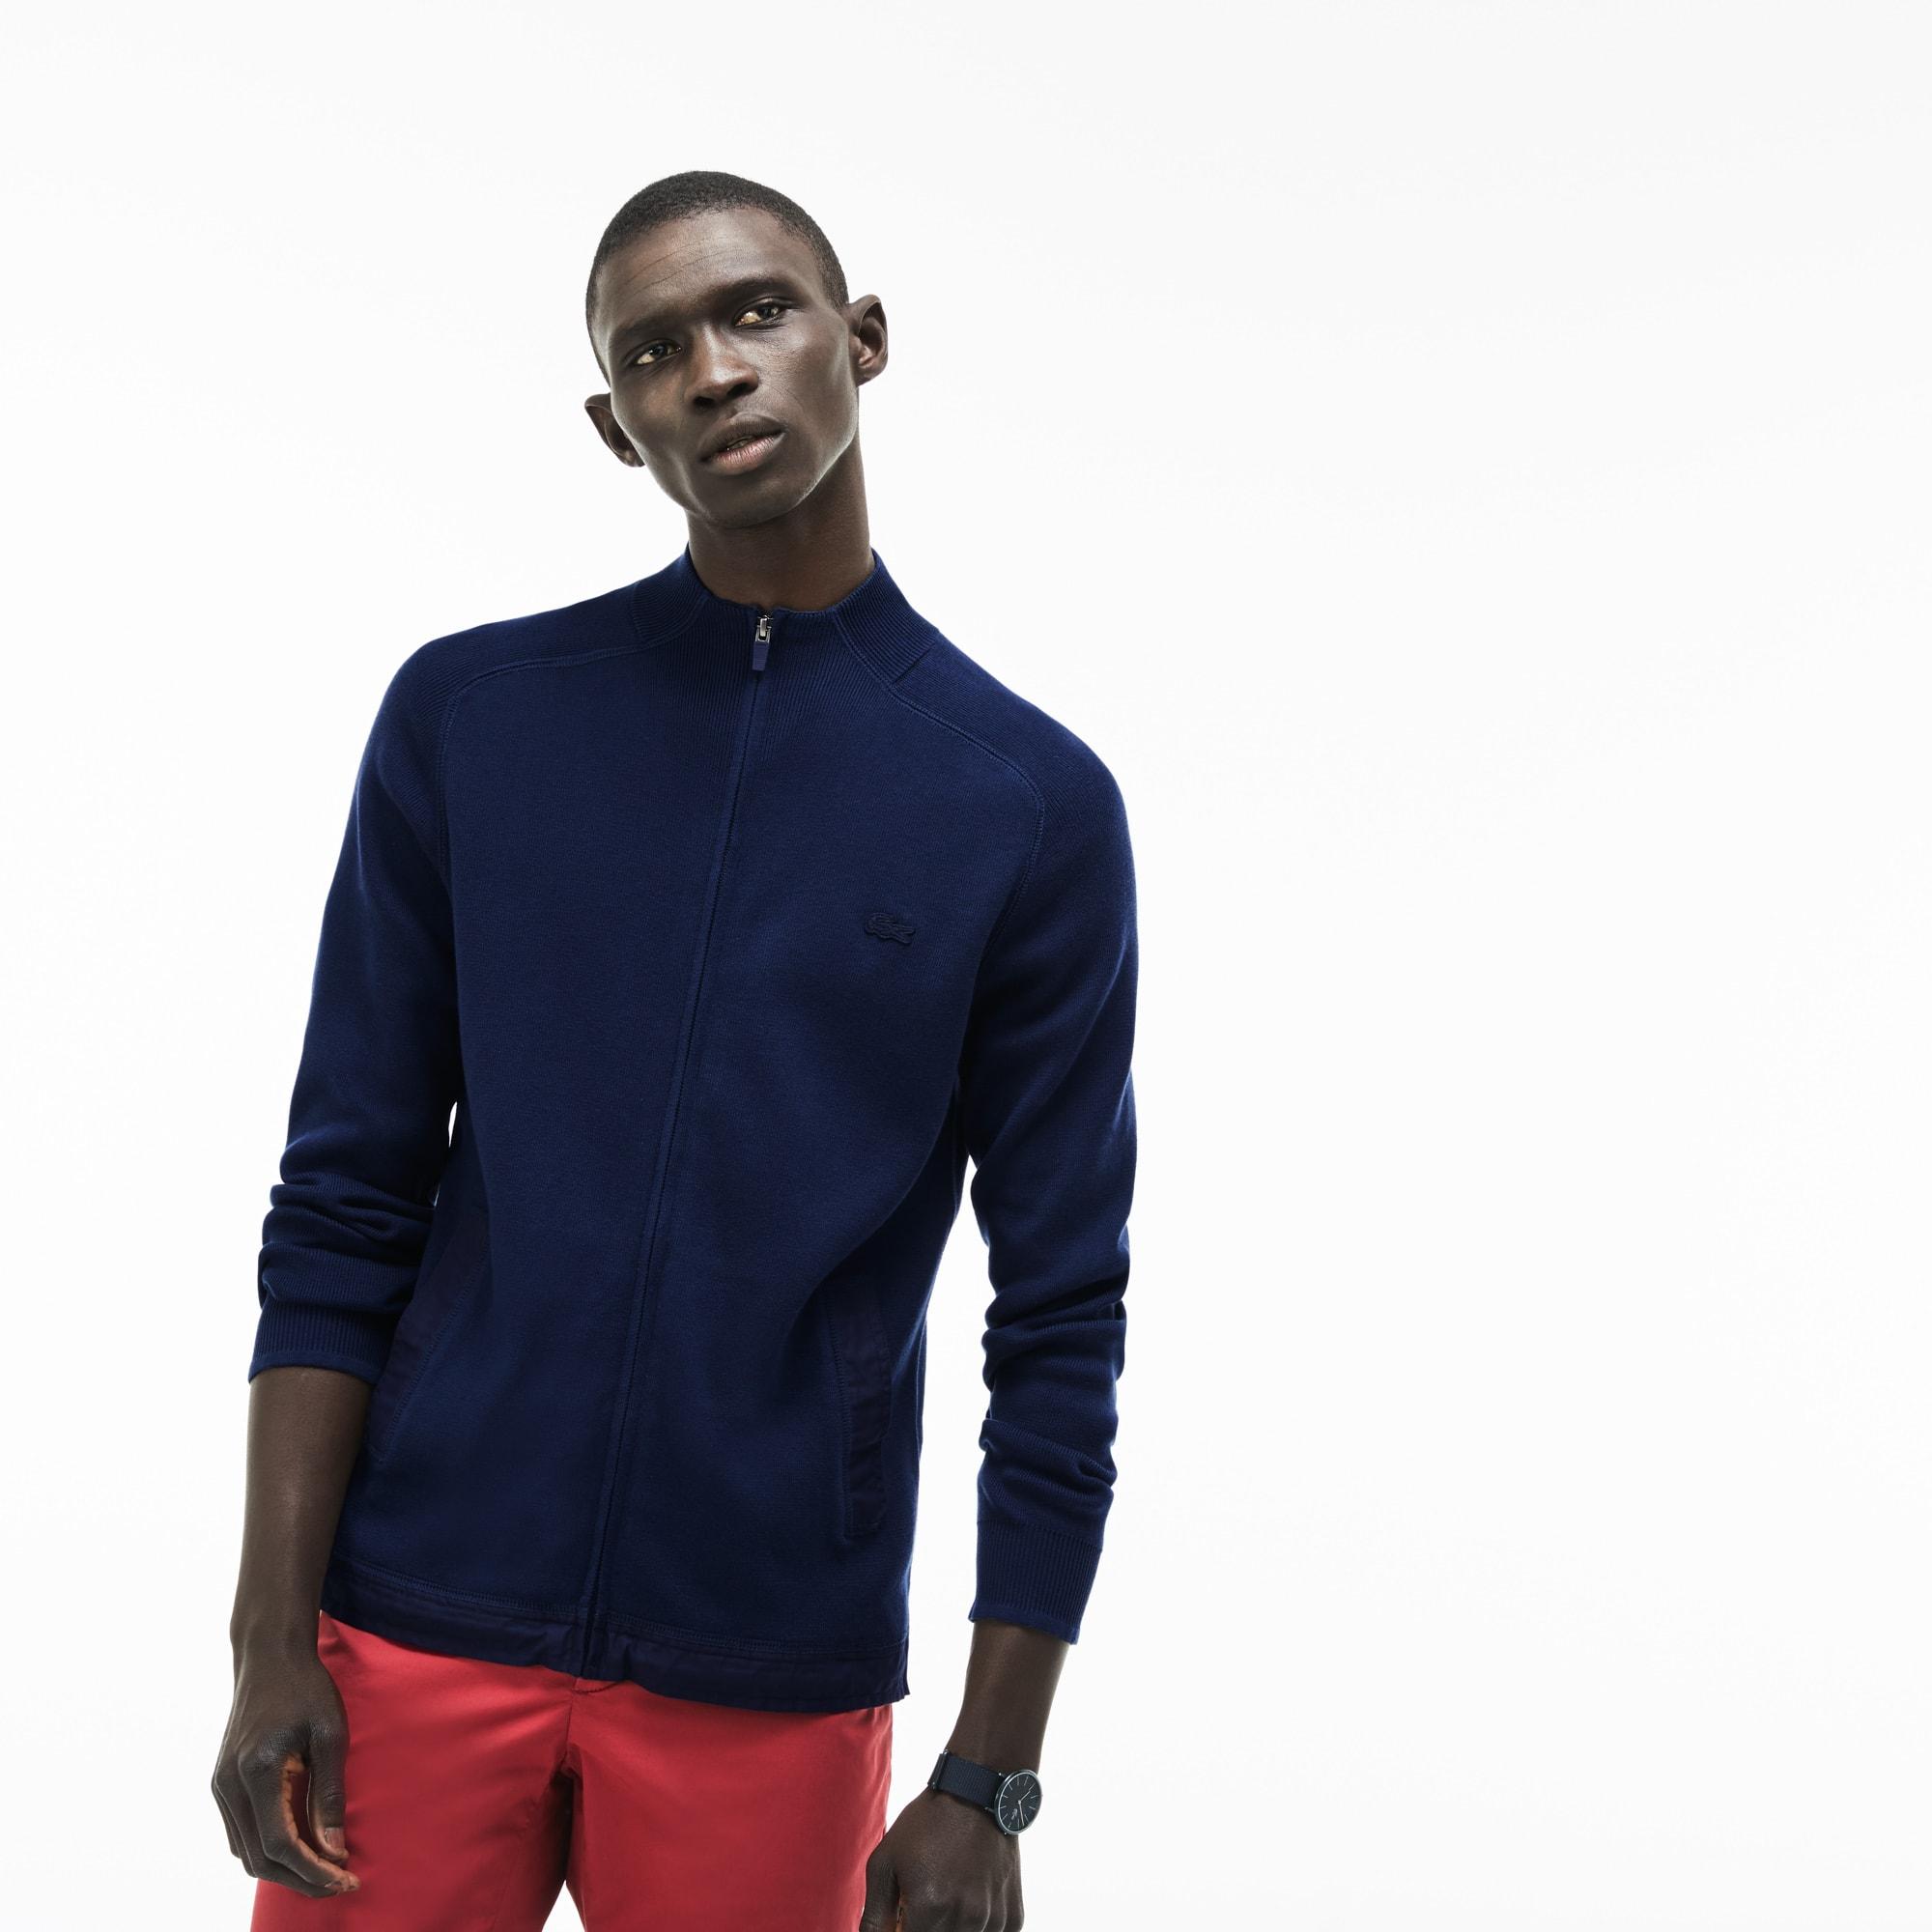 Jersey con cremallera de cuello alto de algodón acanalado con detalles contrastantes